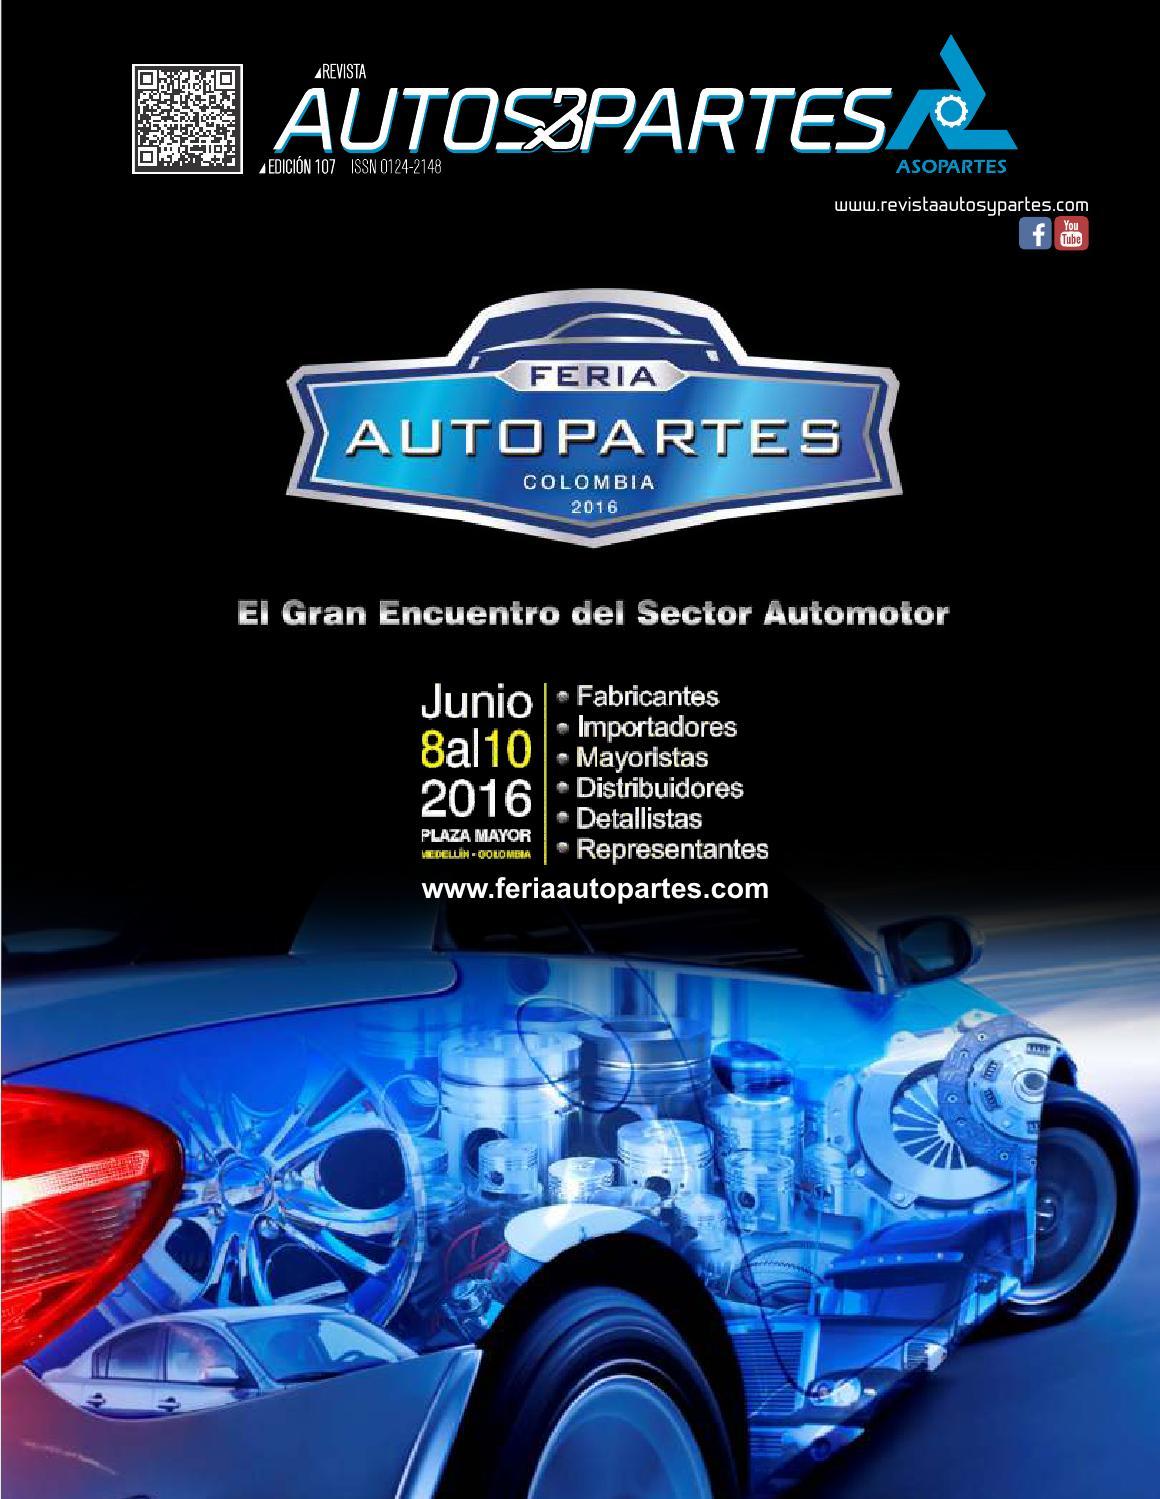 Revista Autos y Partes Edición 107 by Revista Autos y partes - issuu